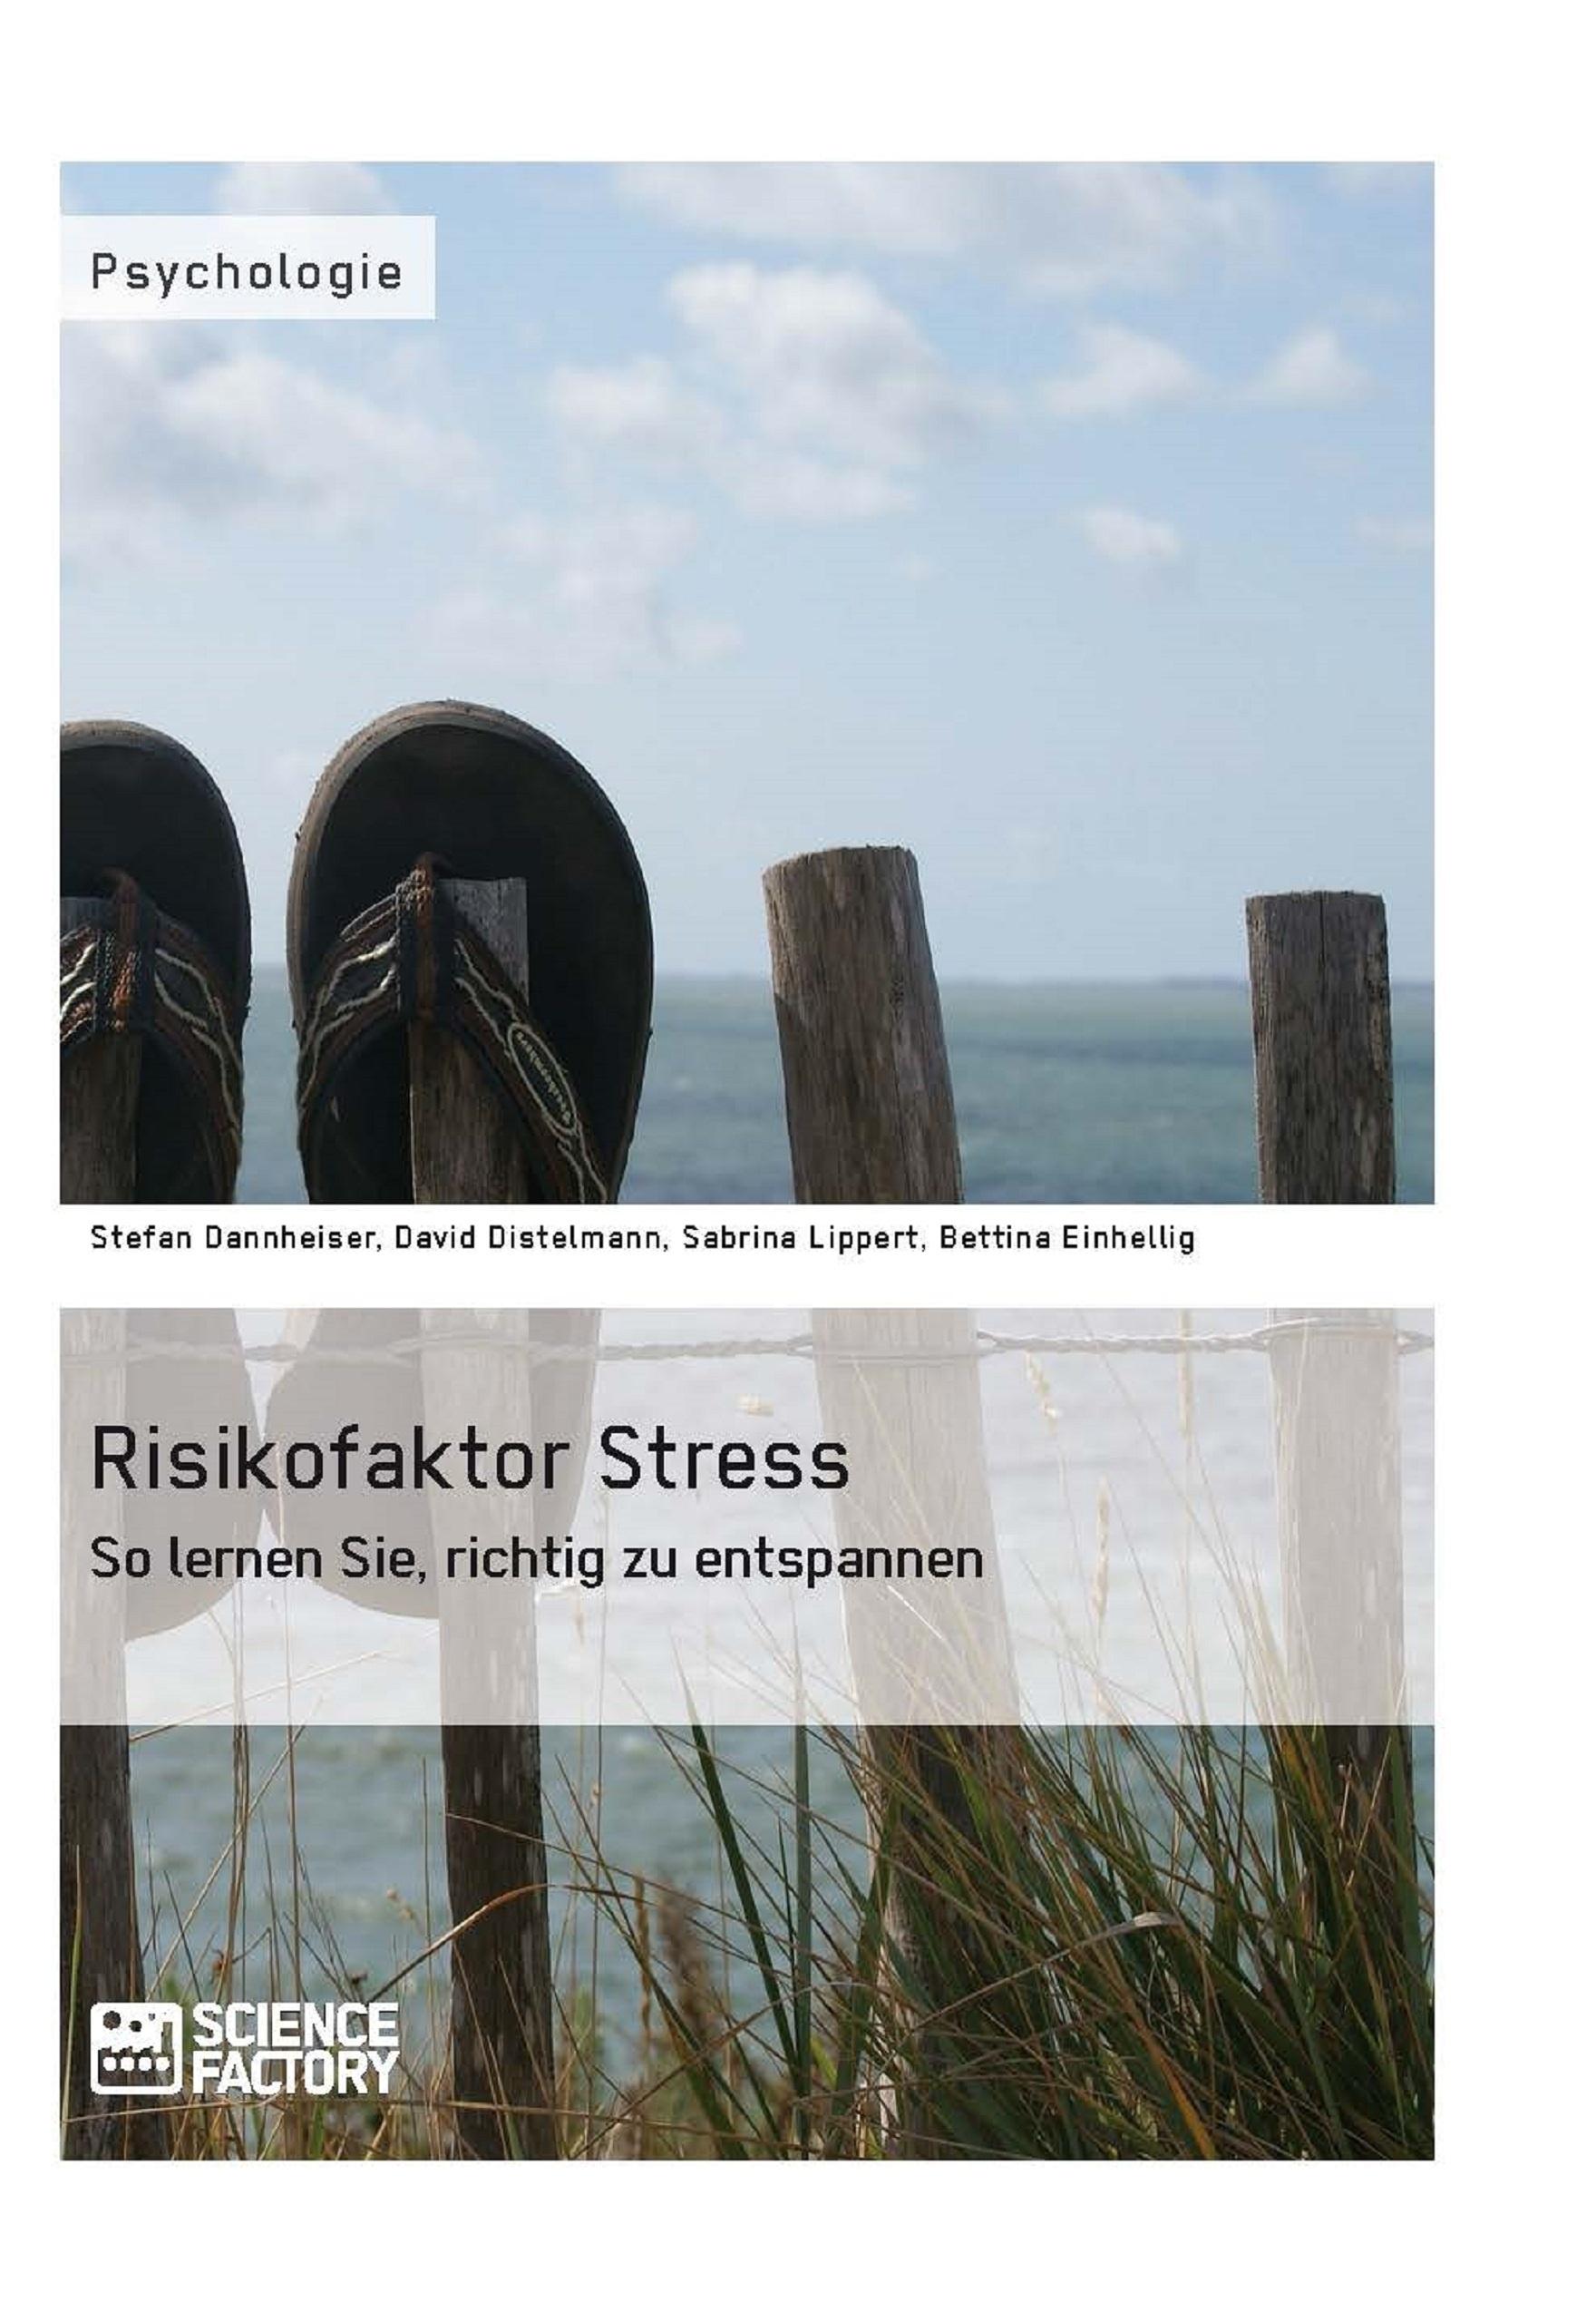 Titel: Risikofaktor Stress. So lernen Sie, richtig zu entspannen